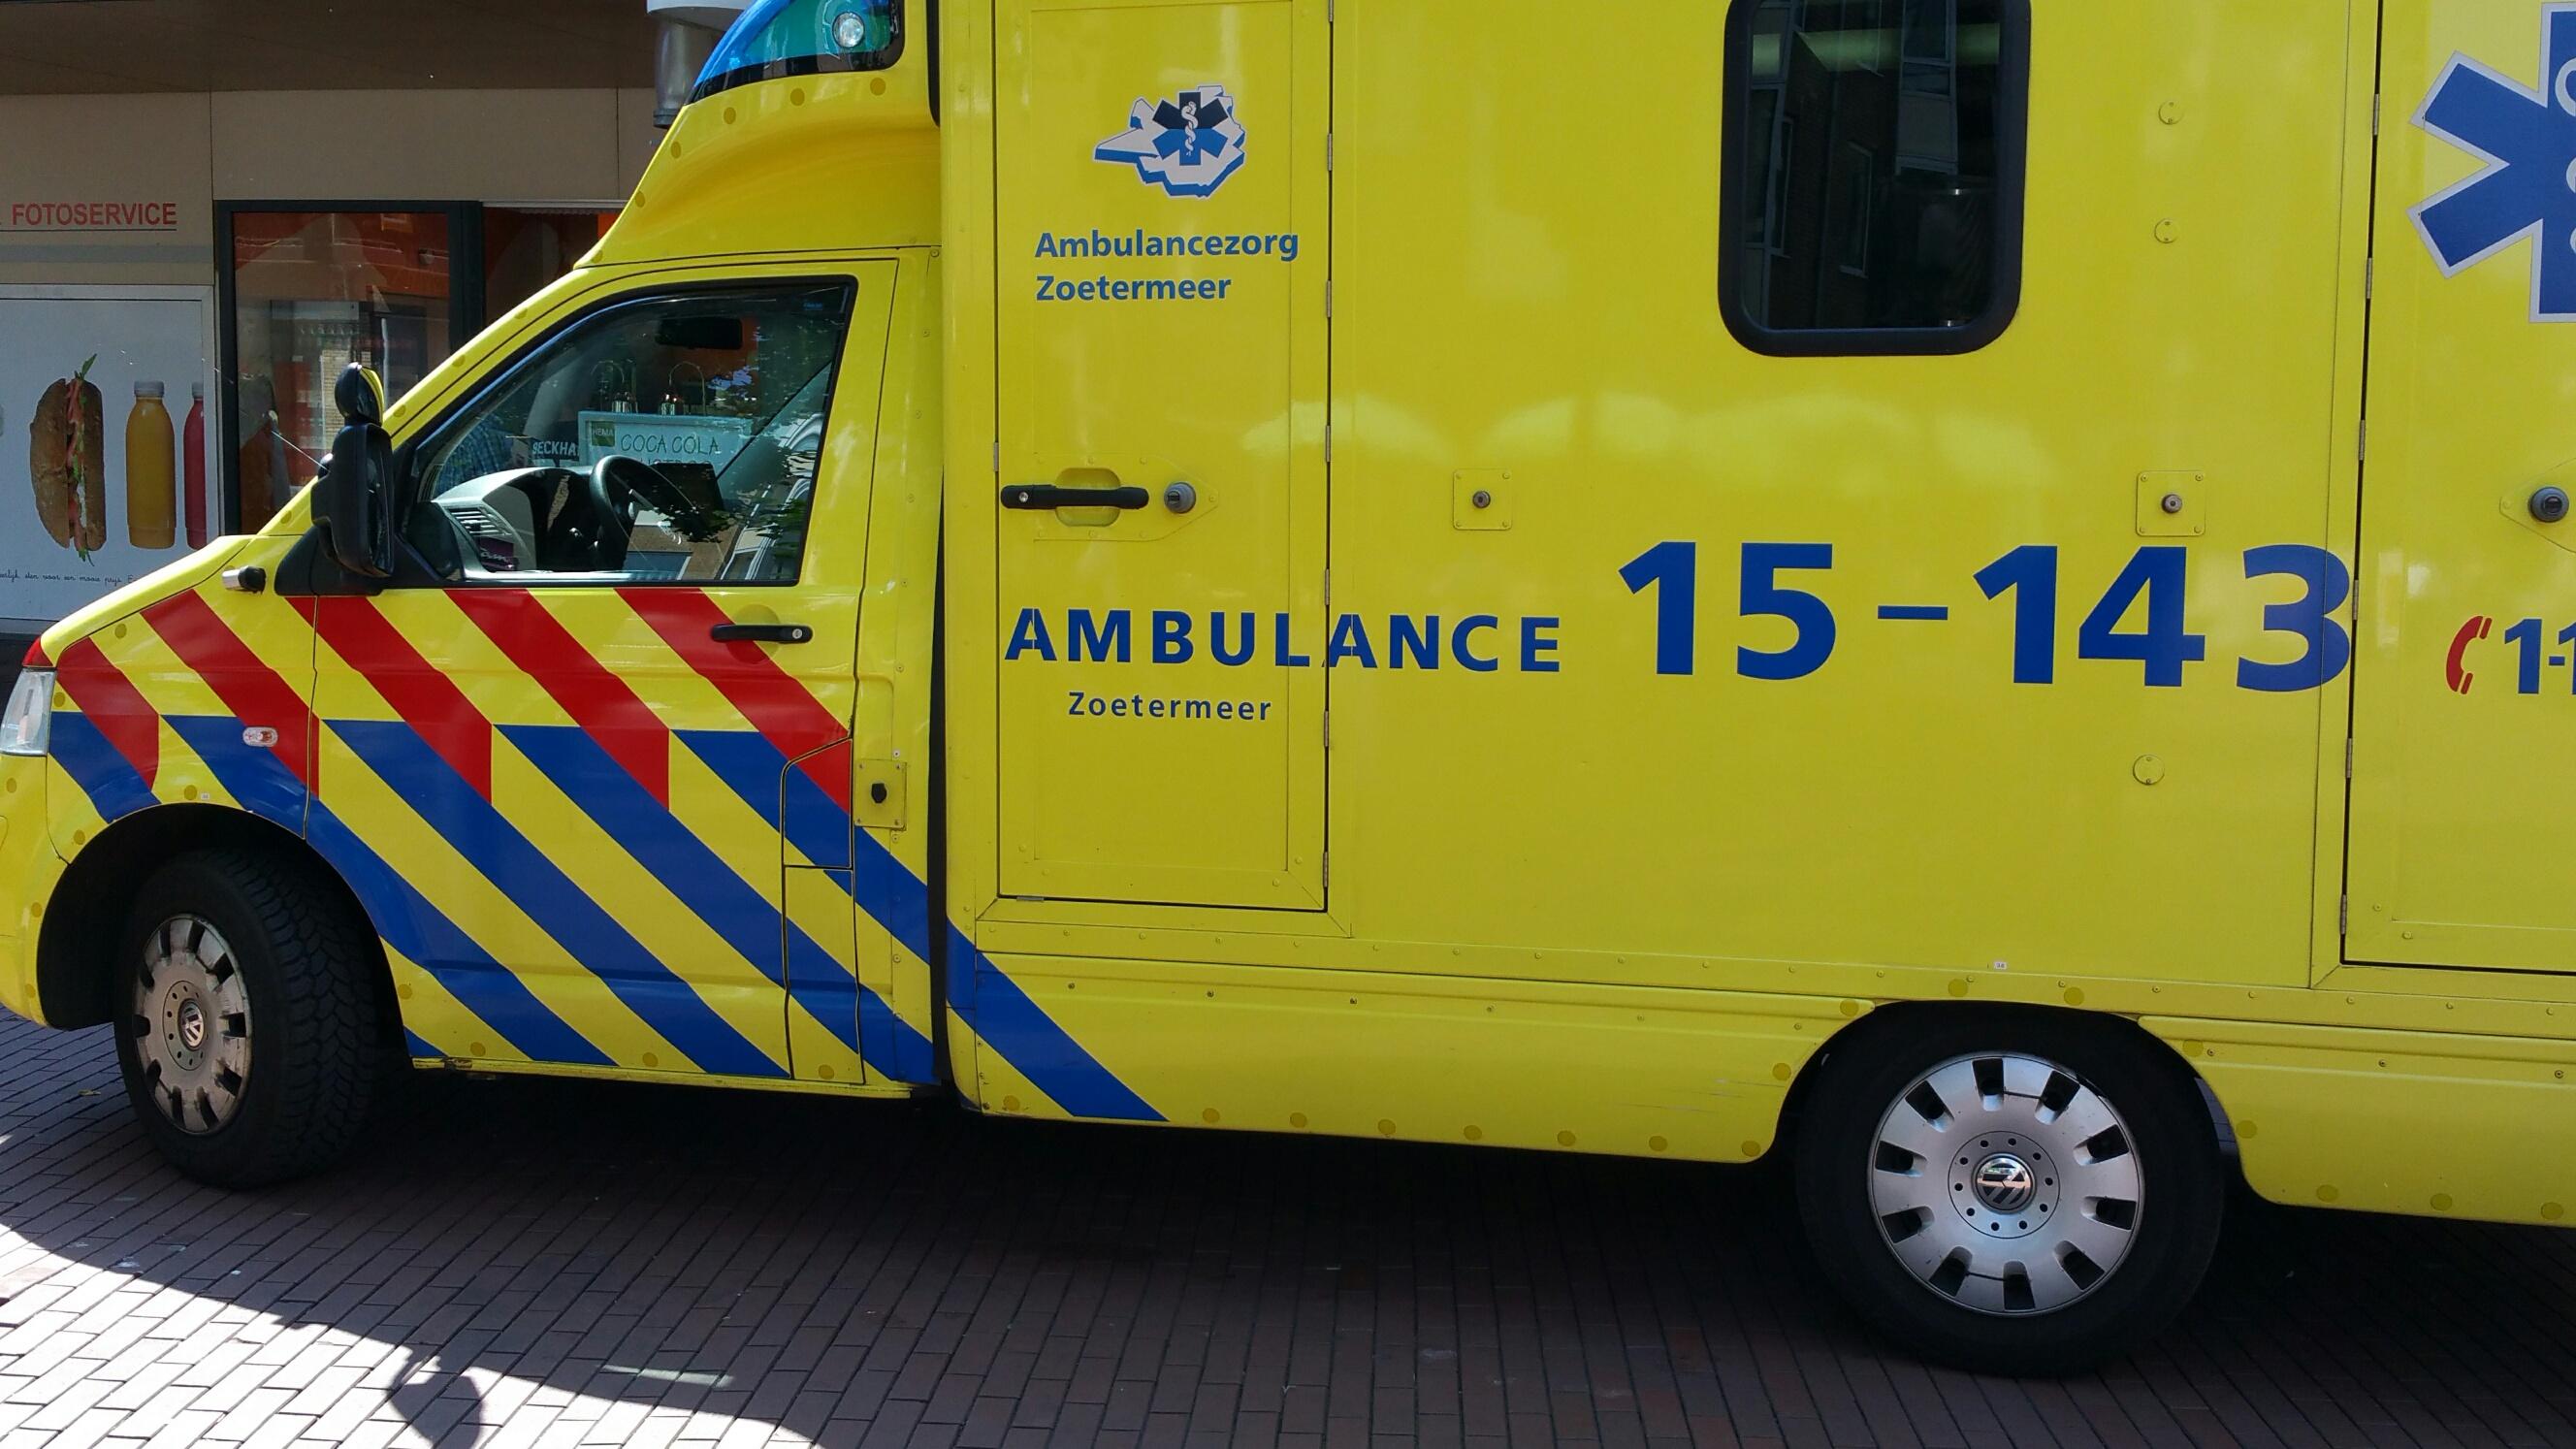 Hollanda'da Ambulanslar  acil durumlarda çoğu zaman zamanında gelmiyor